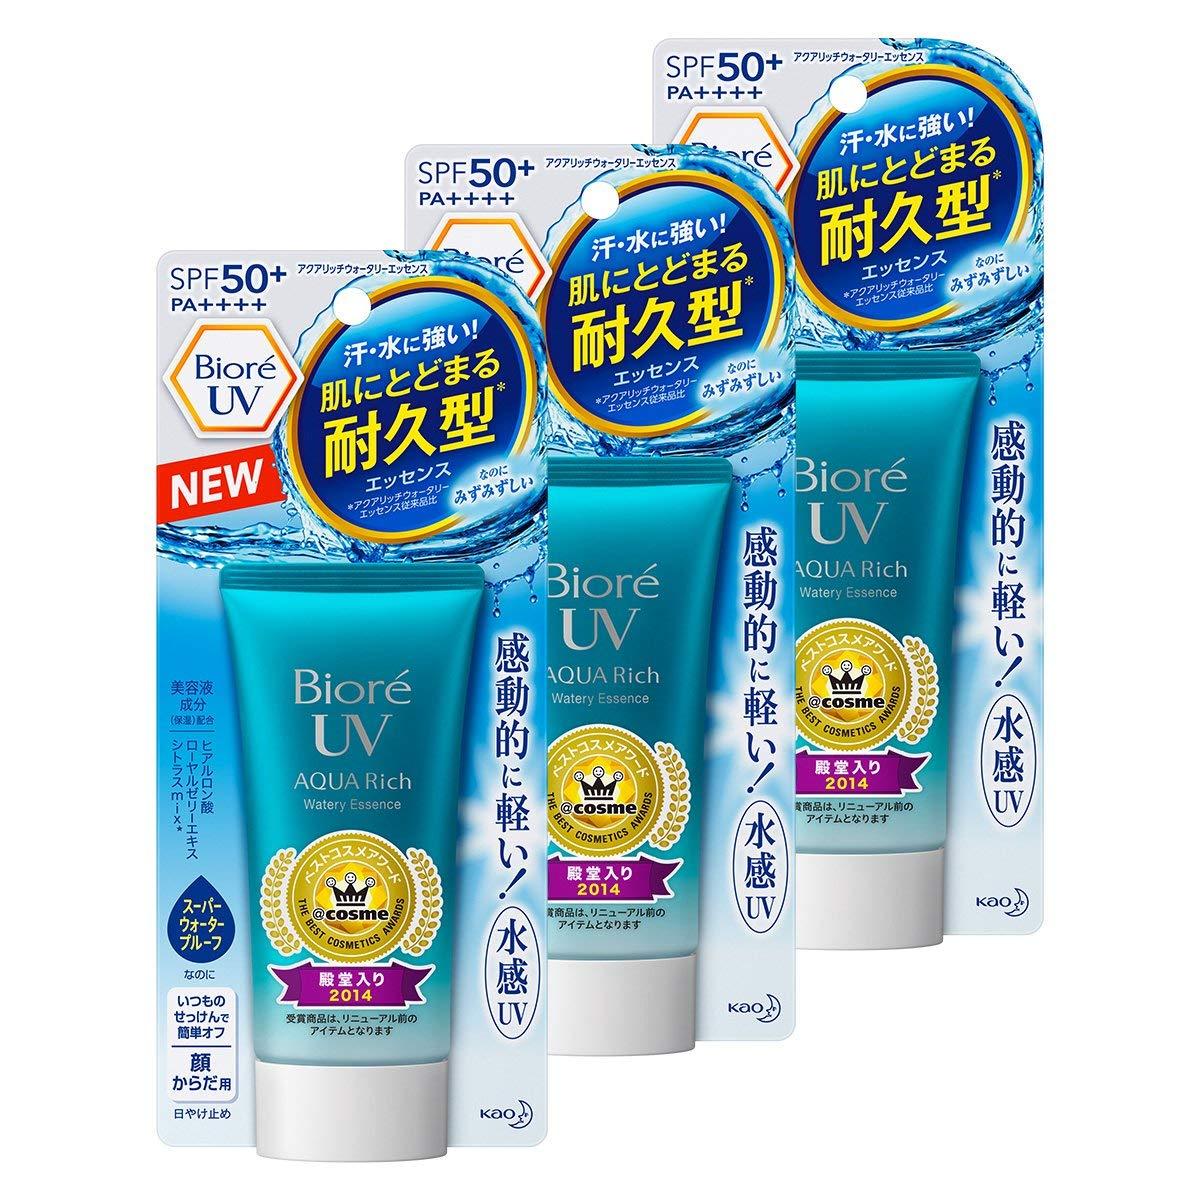 Bioré - Biore UV Aqua Rich Watery Essence SPF50+/PA++++ (pack of 3)